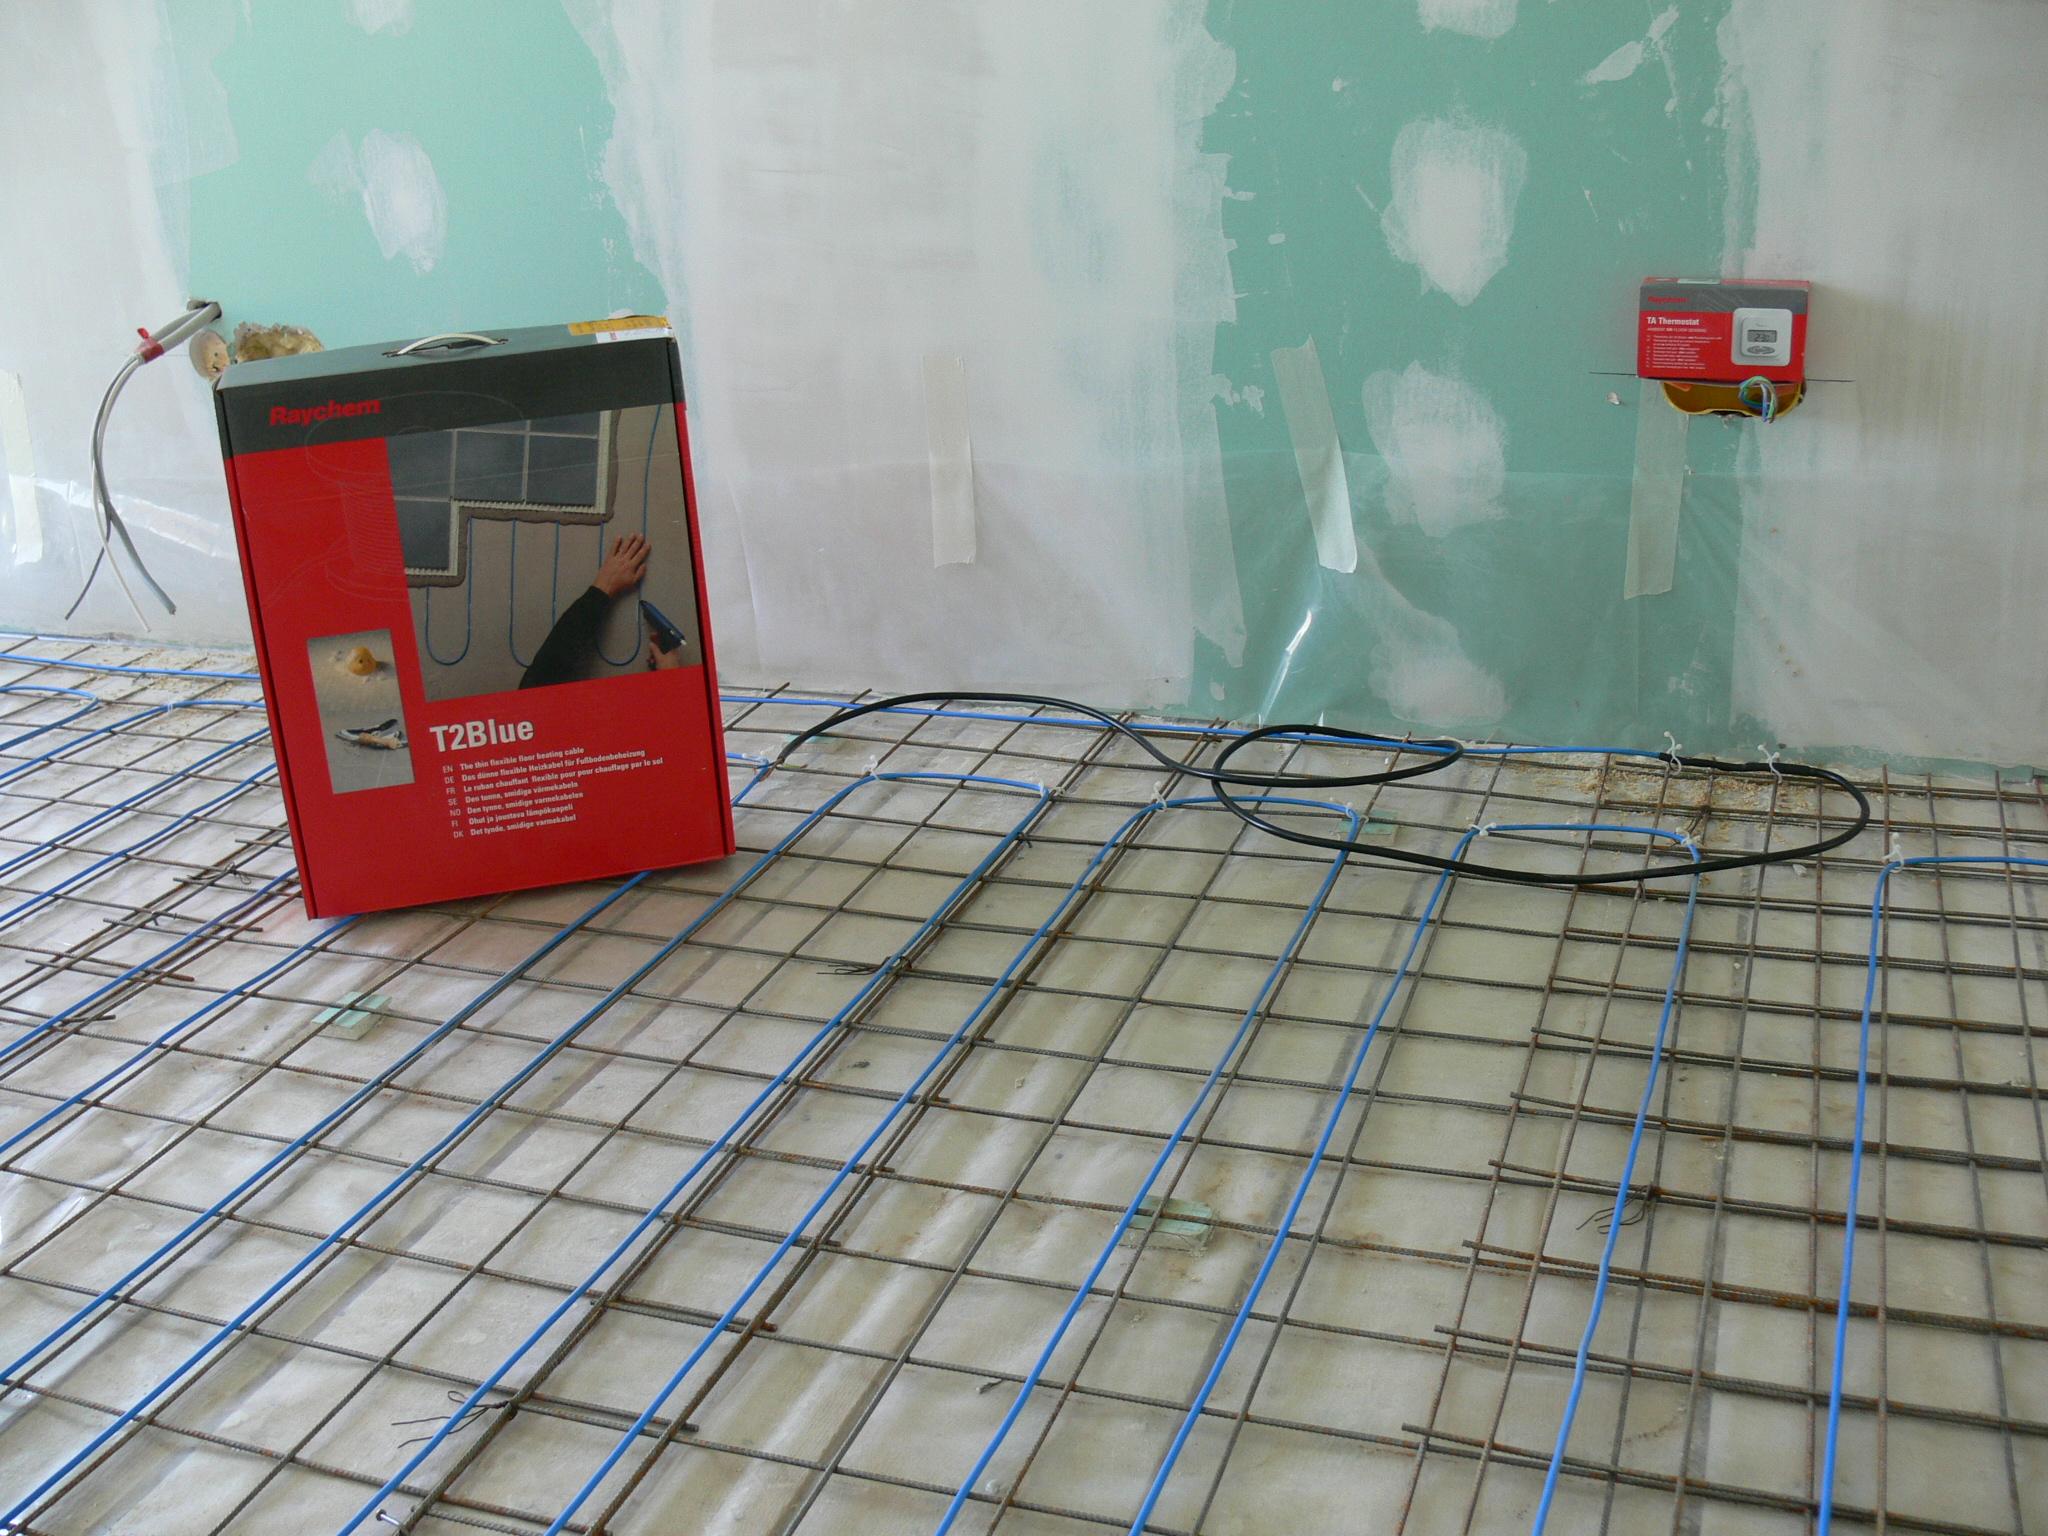 Sistem de incalzire electrica prin pardoseala RAYCHEM - Poza 61